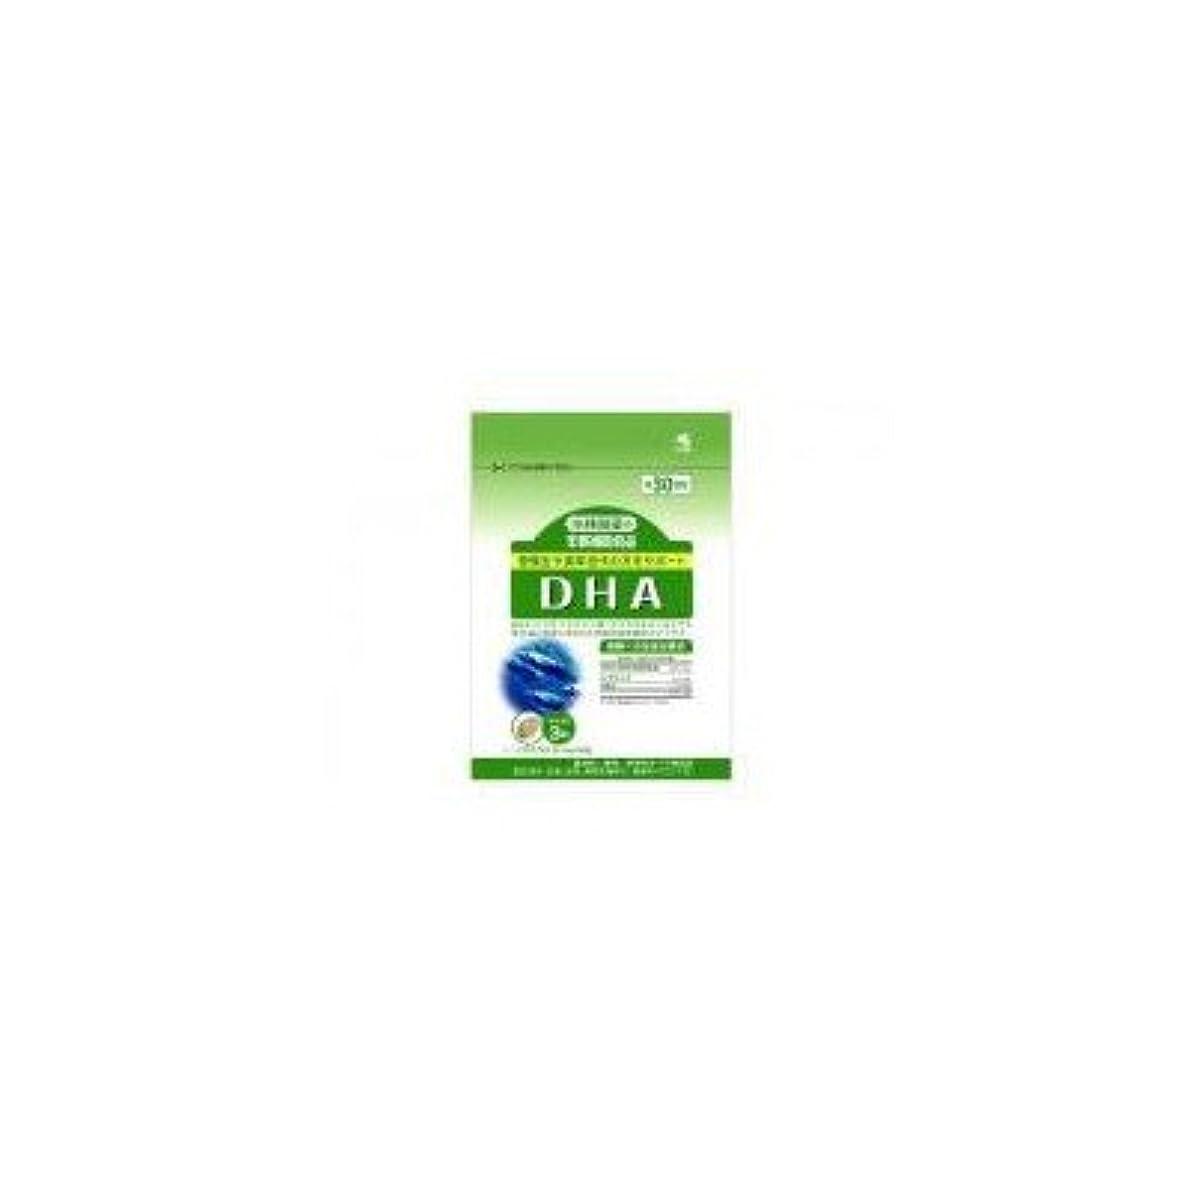 完全に乾く放置従う小林製薬の栄養補助食品 DHA(90粒 約30日分) 4セット